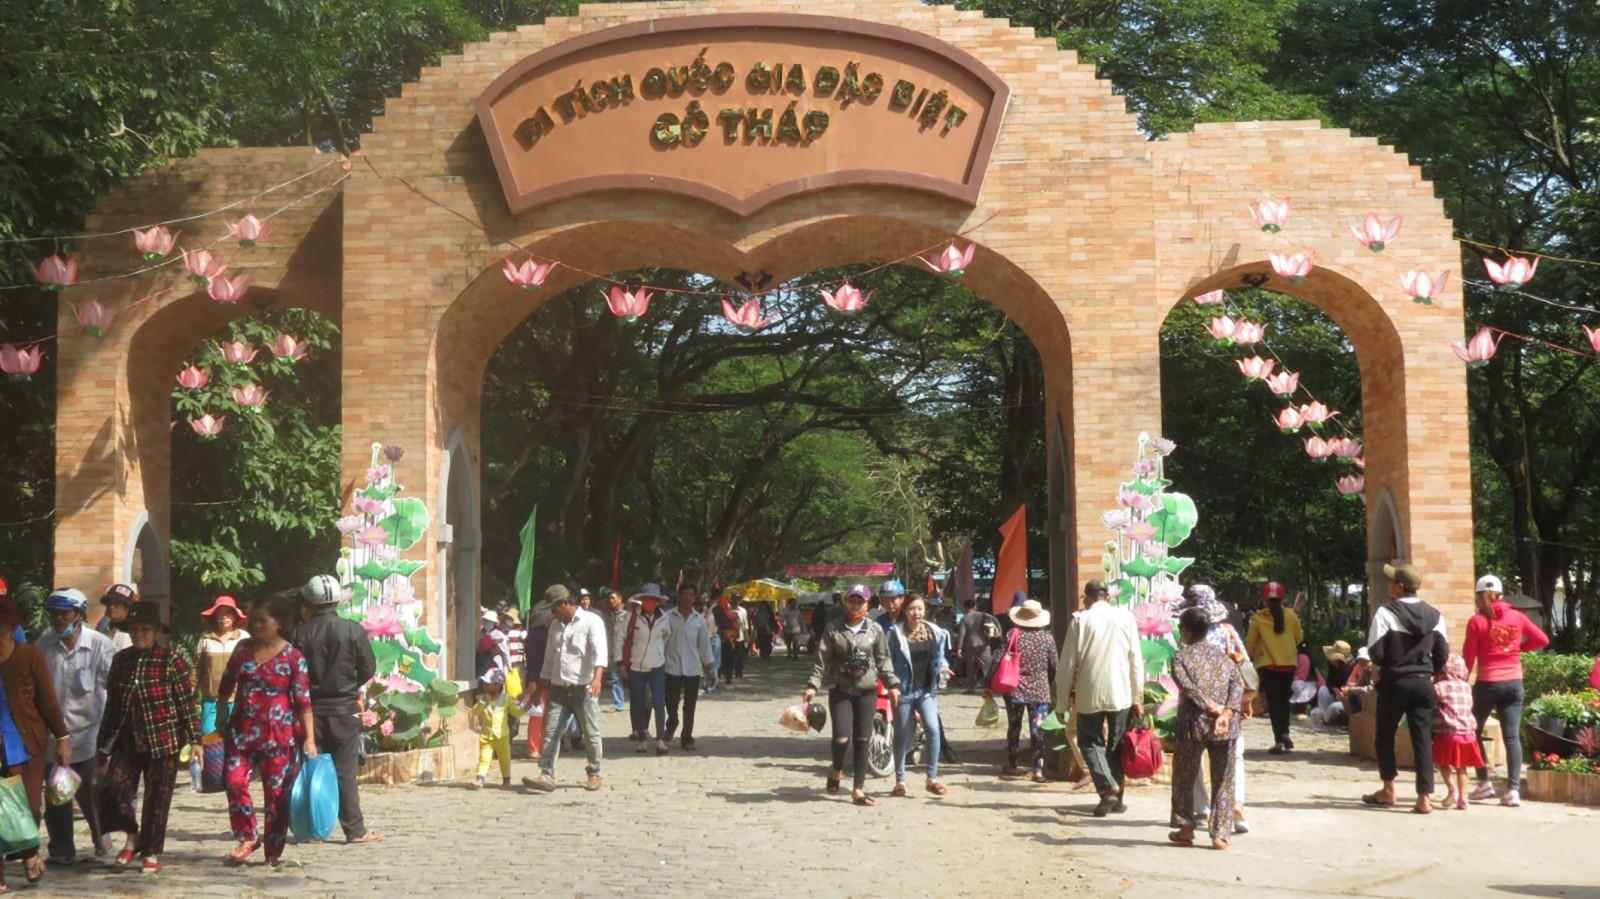 Di tích Gò Tháp - điểm thu hút đông du khách của tỉnh Đồng Tháp.